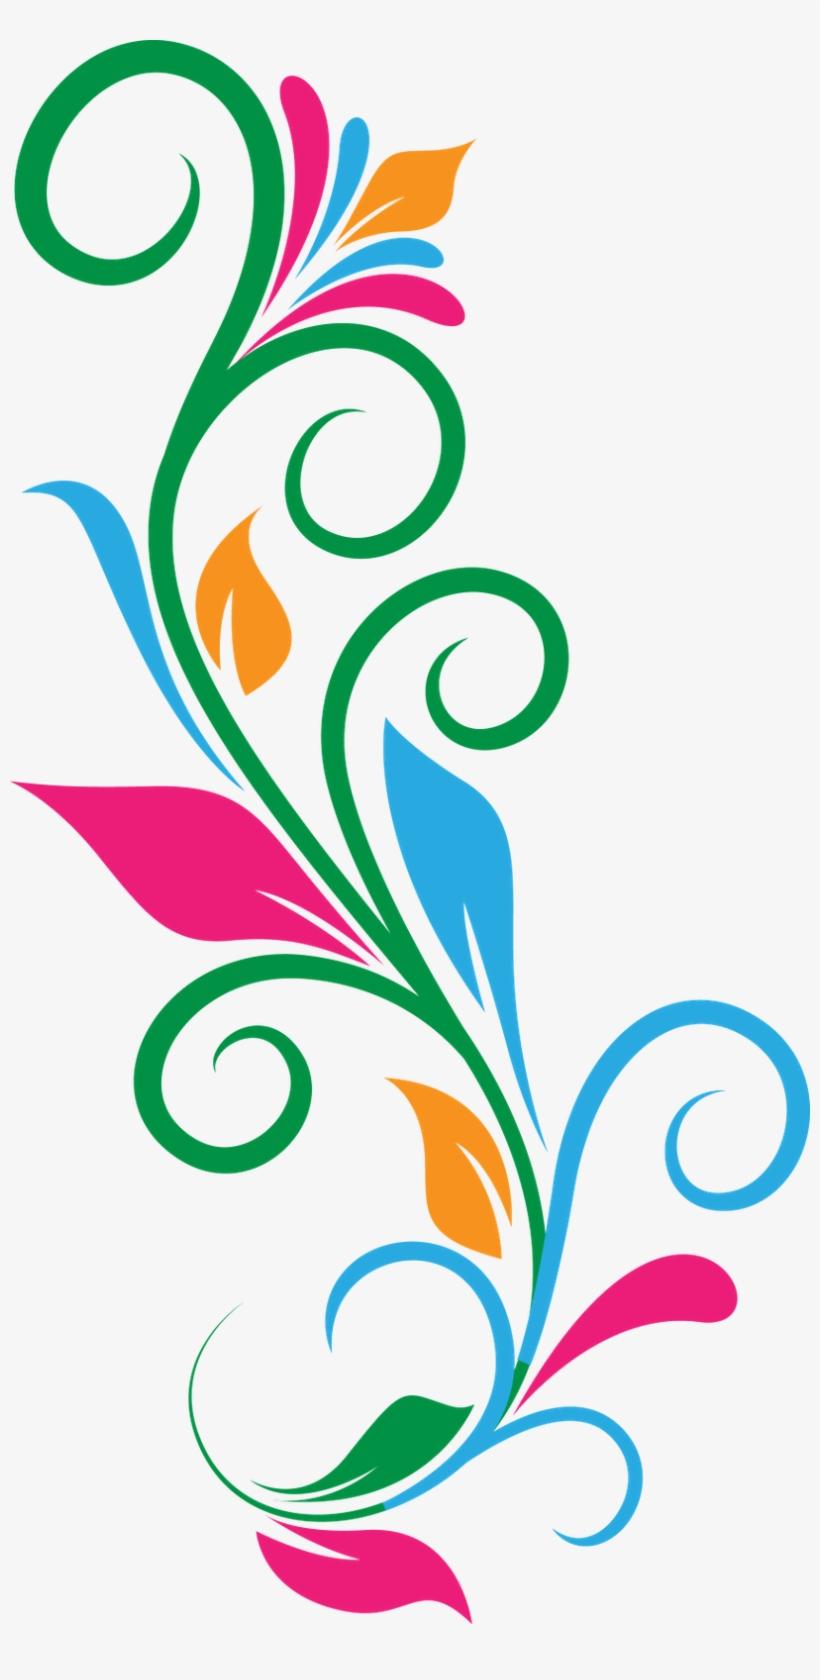 Design Transparent Background Colorful Floral Designs Png